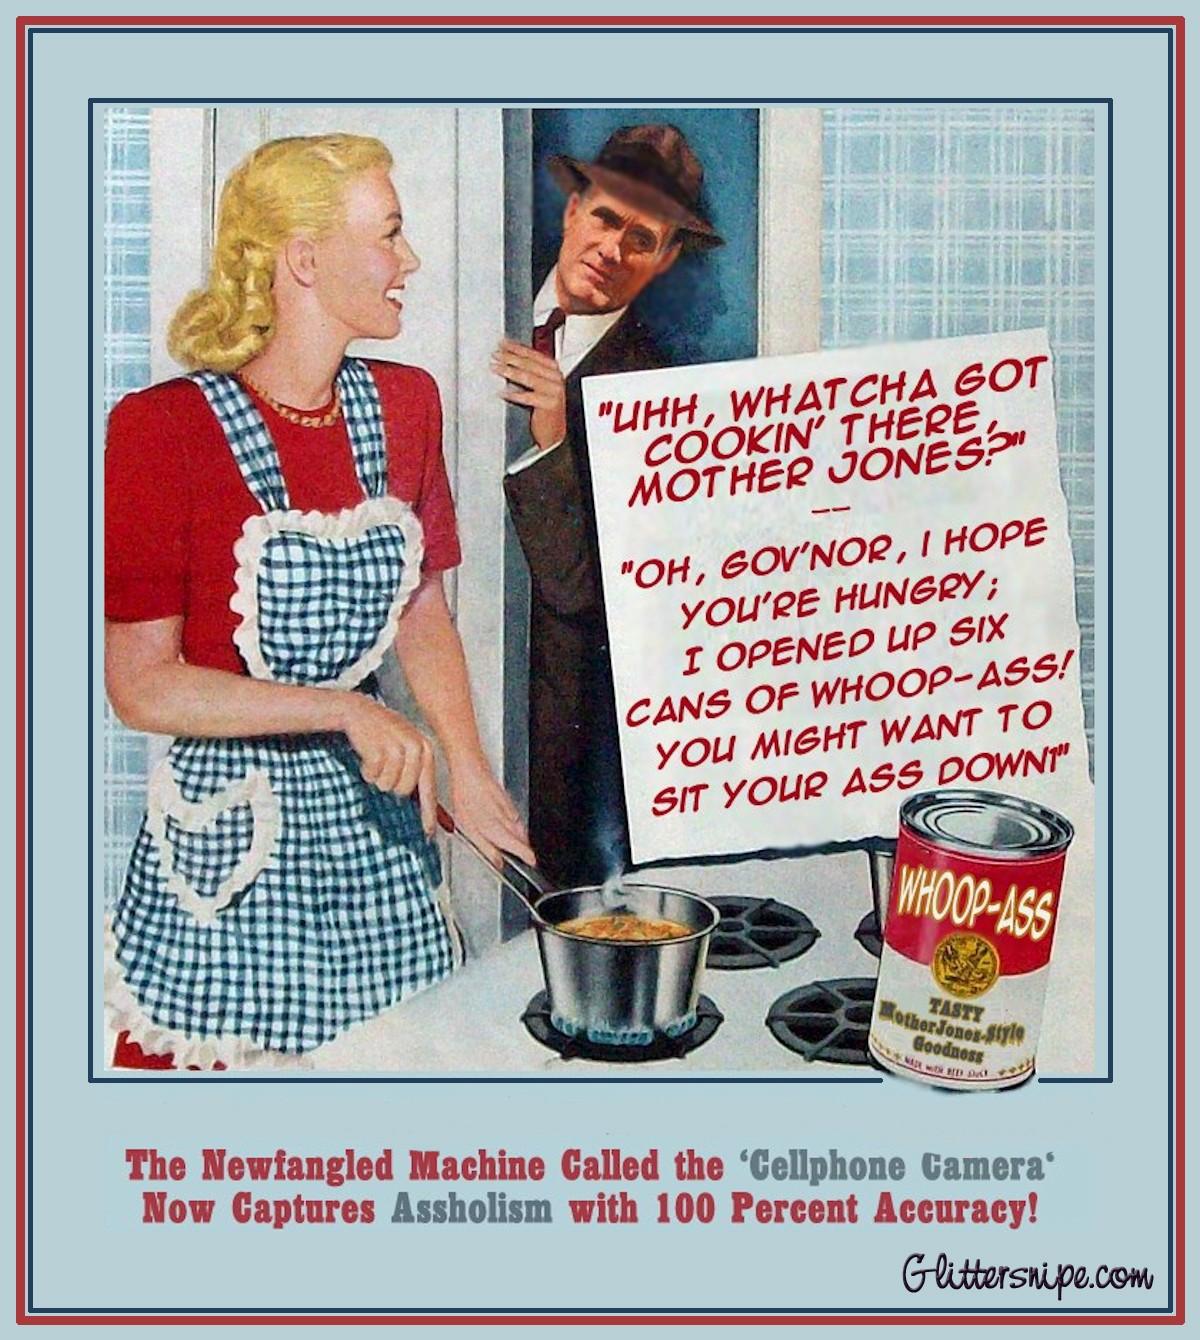 00 Mother Jones to Wet Willy Romney. 28.12.13